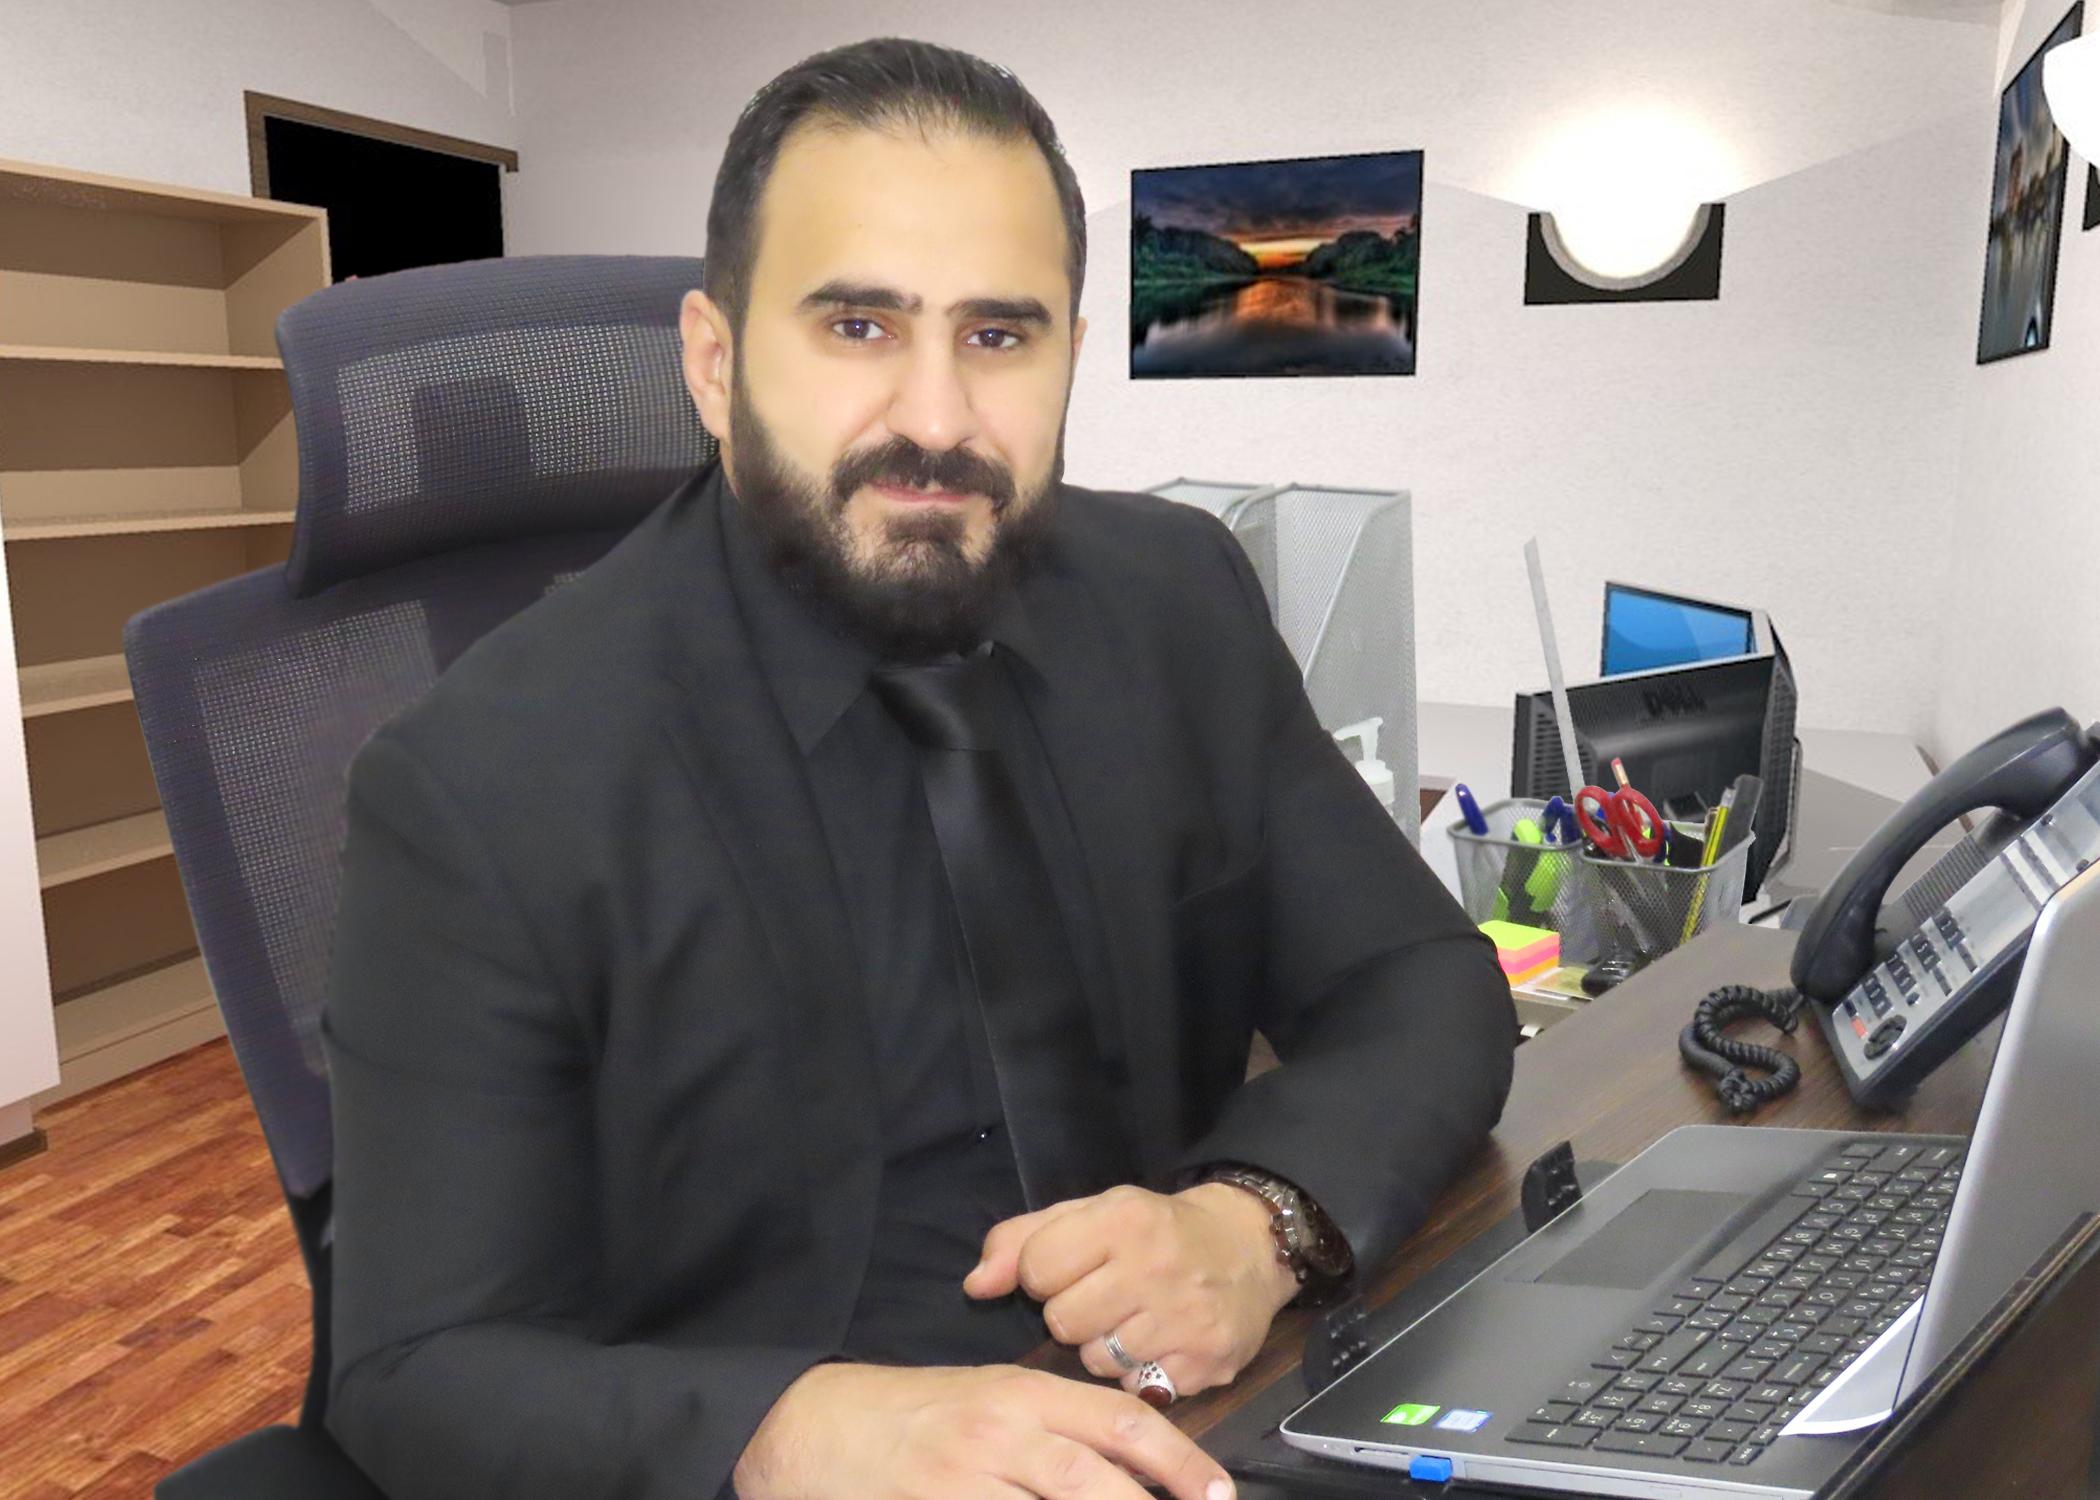 Yehya El Chayeb